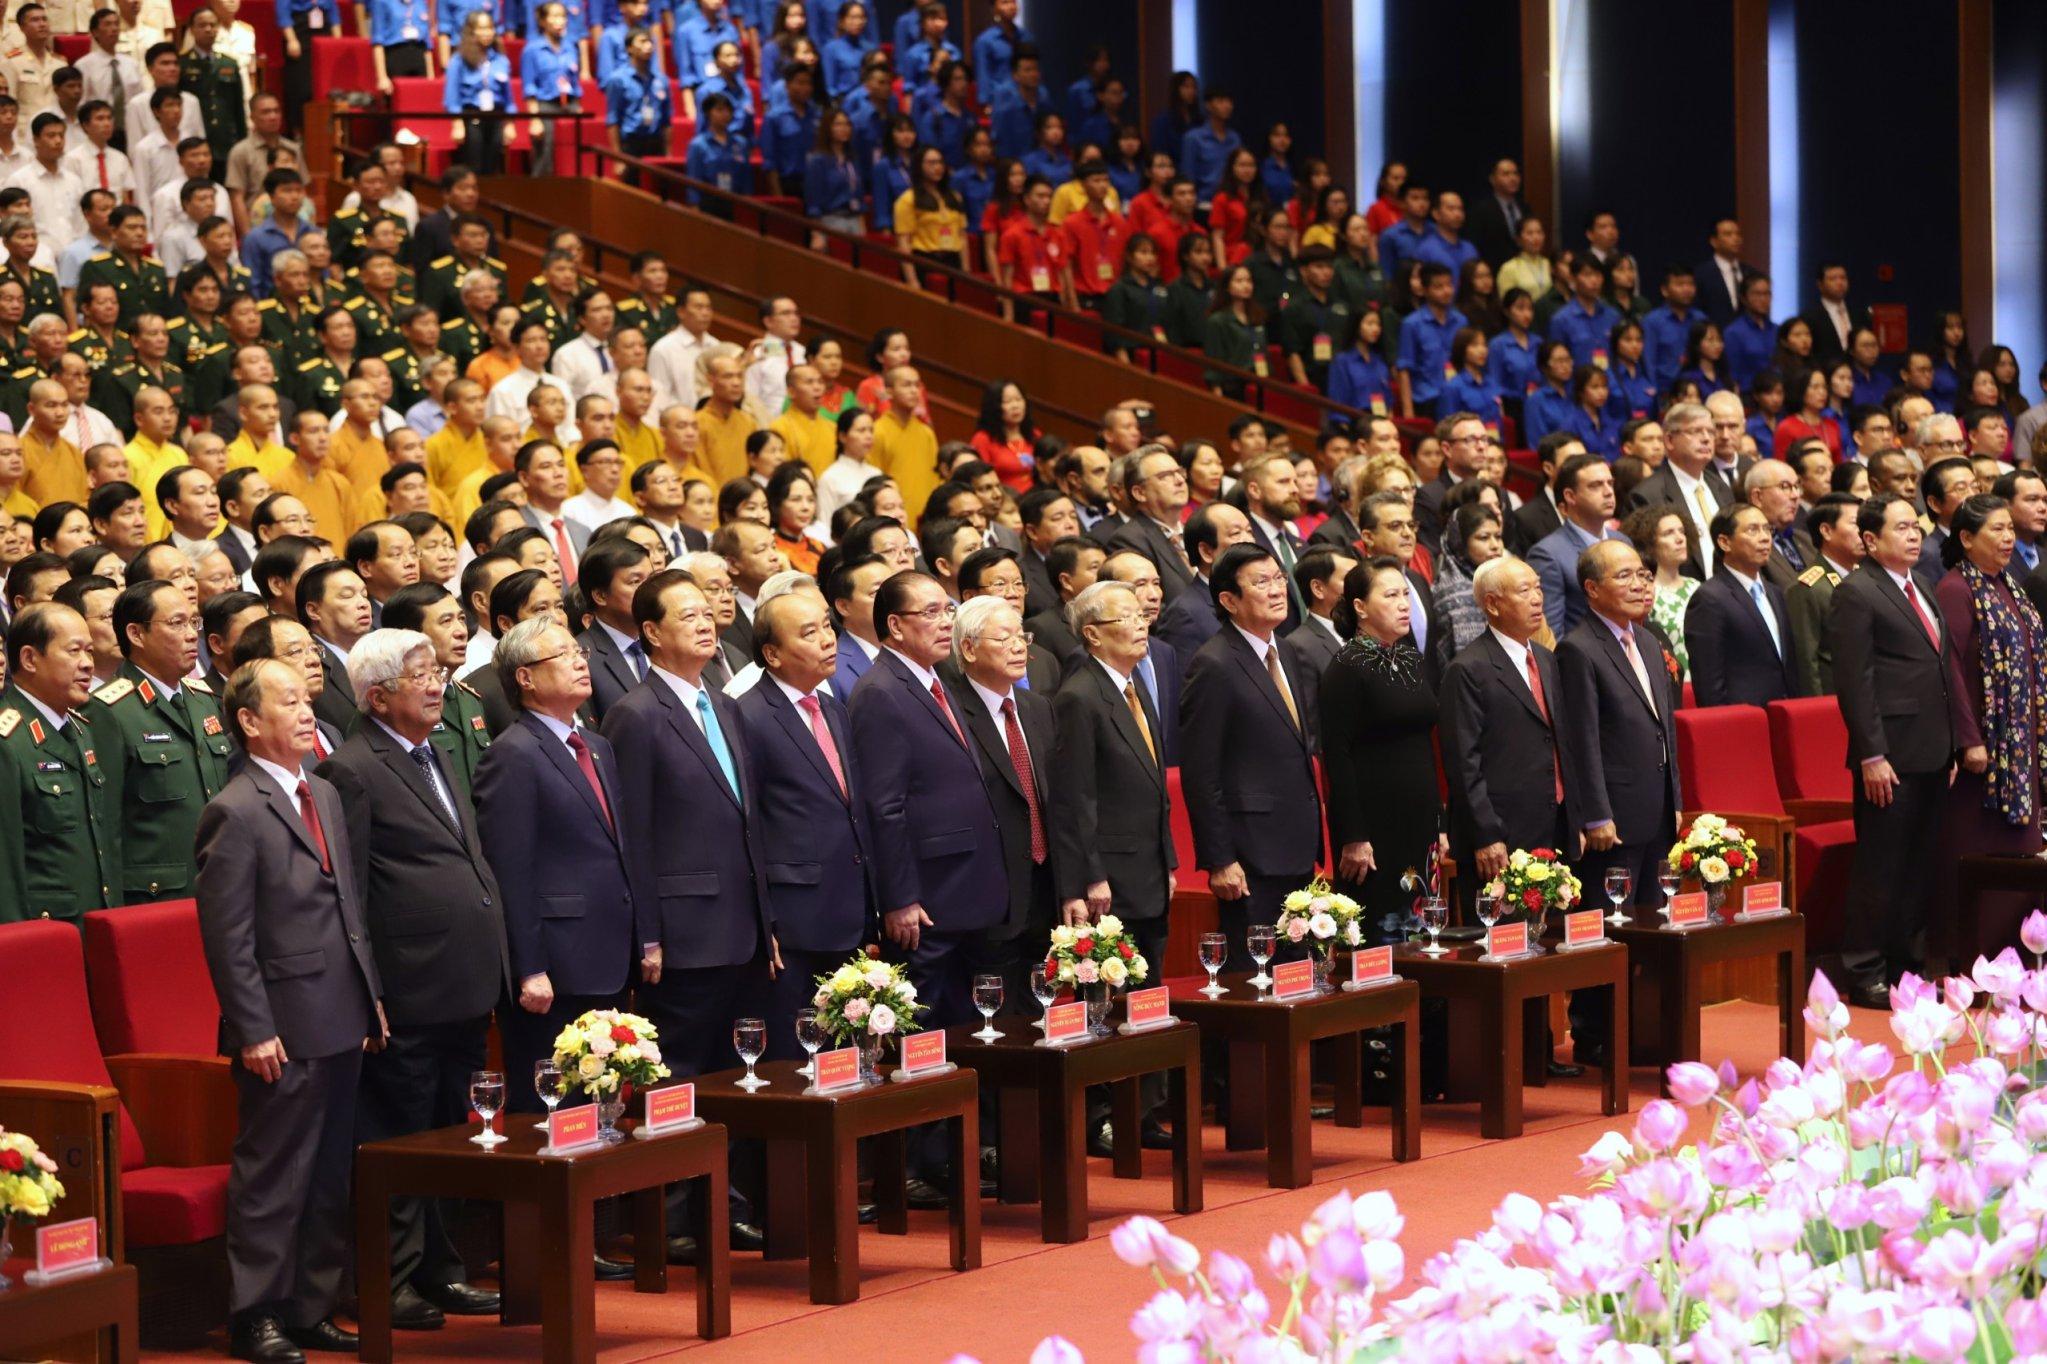 Lãnh đạo Đảng, Nhà nước và các đại biểu dự Lễ Kỷ niệm.